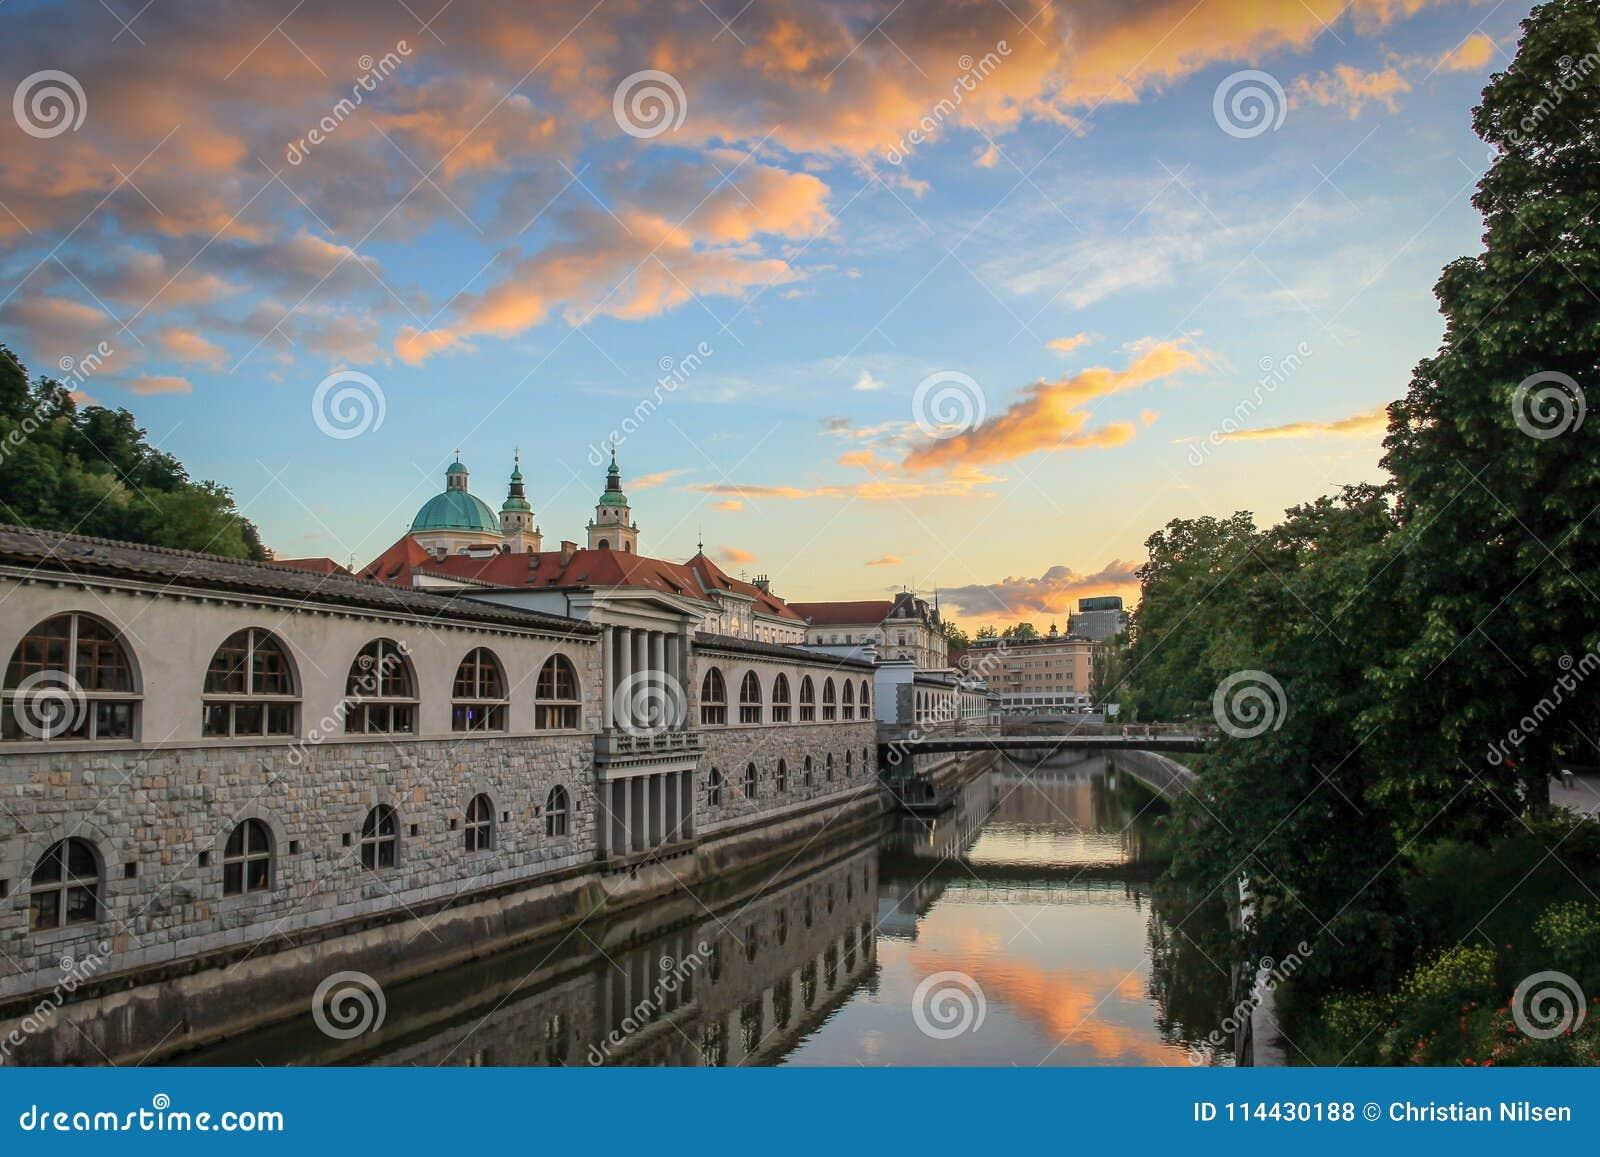 Sonnenunterganghimmel über dem Ljubljanica-Fluss, Ljubljana, Slowenien